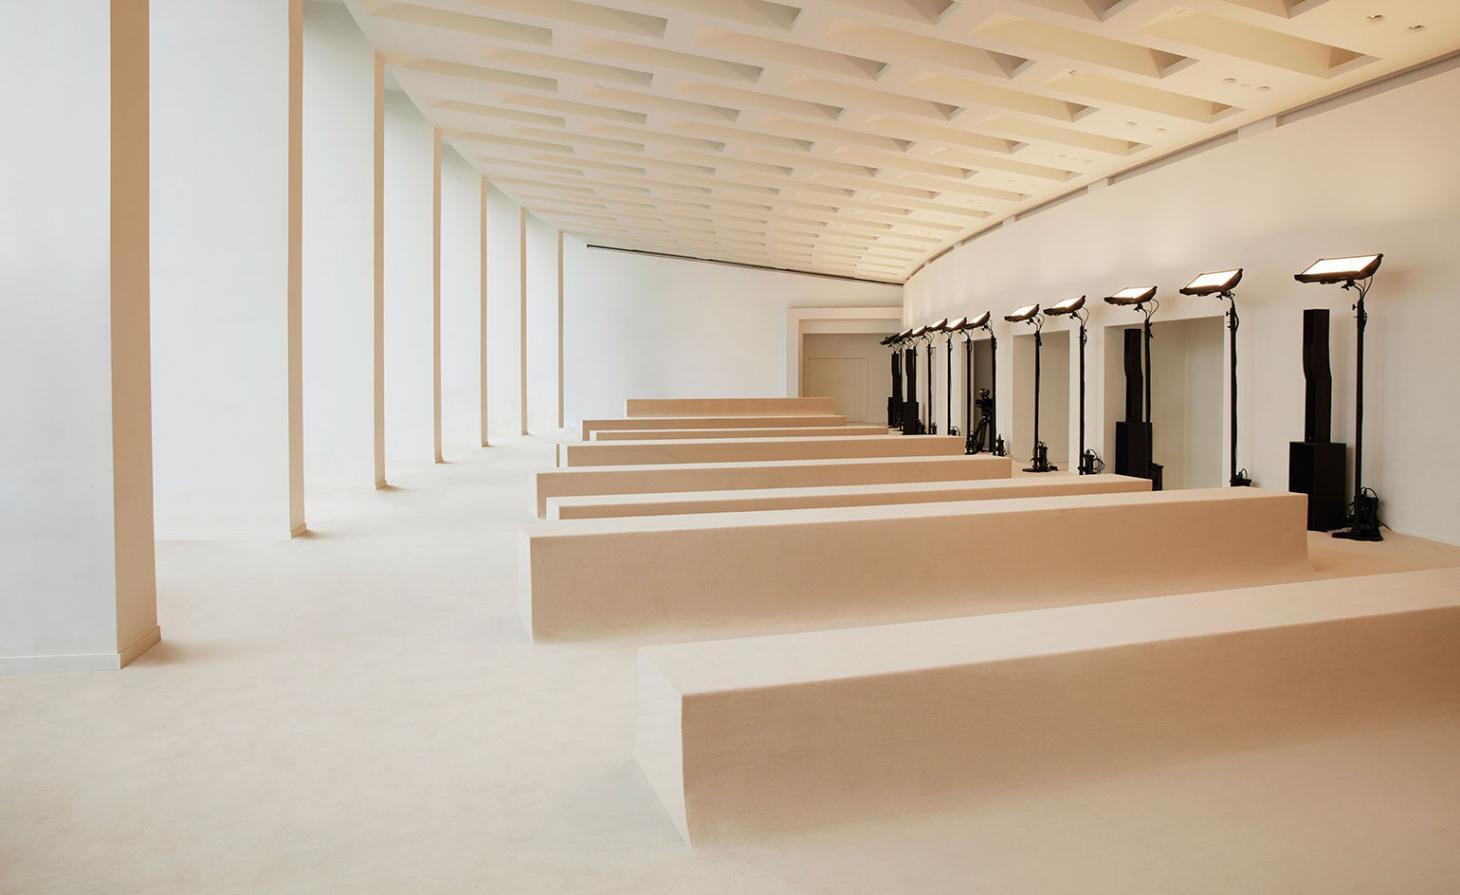 O espaço do desfile da Acne dentro da Maison de la Radio, em Paris, foi inspirado por uma paisagem ao ar livre de colinas. Aqui - em colaboração com a agência de produção Eyesight - bancos ondulantes povoaram o espaço minimalista, envolto não em musgo, mas em carpetes texturizados, uma alusão aos materiais usados nas prateleiras das lojas globais da marca / Reprodução